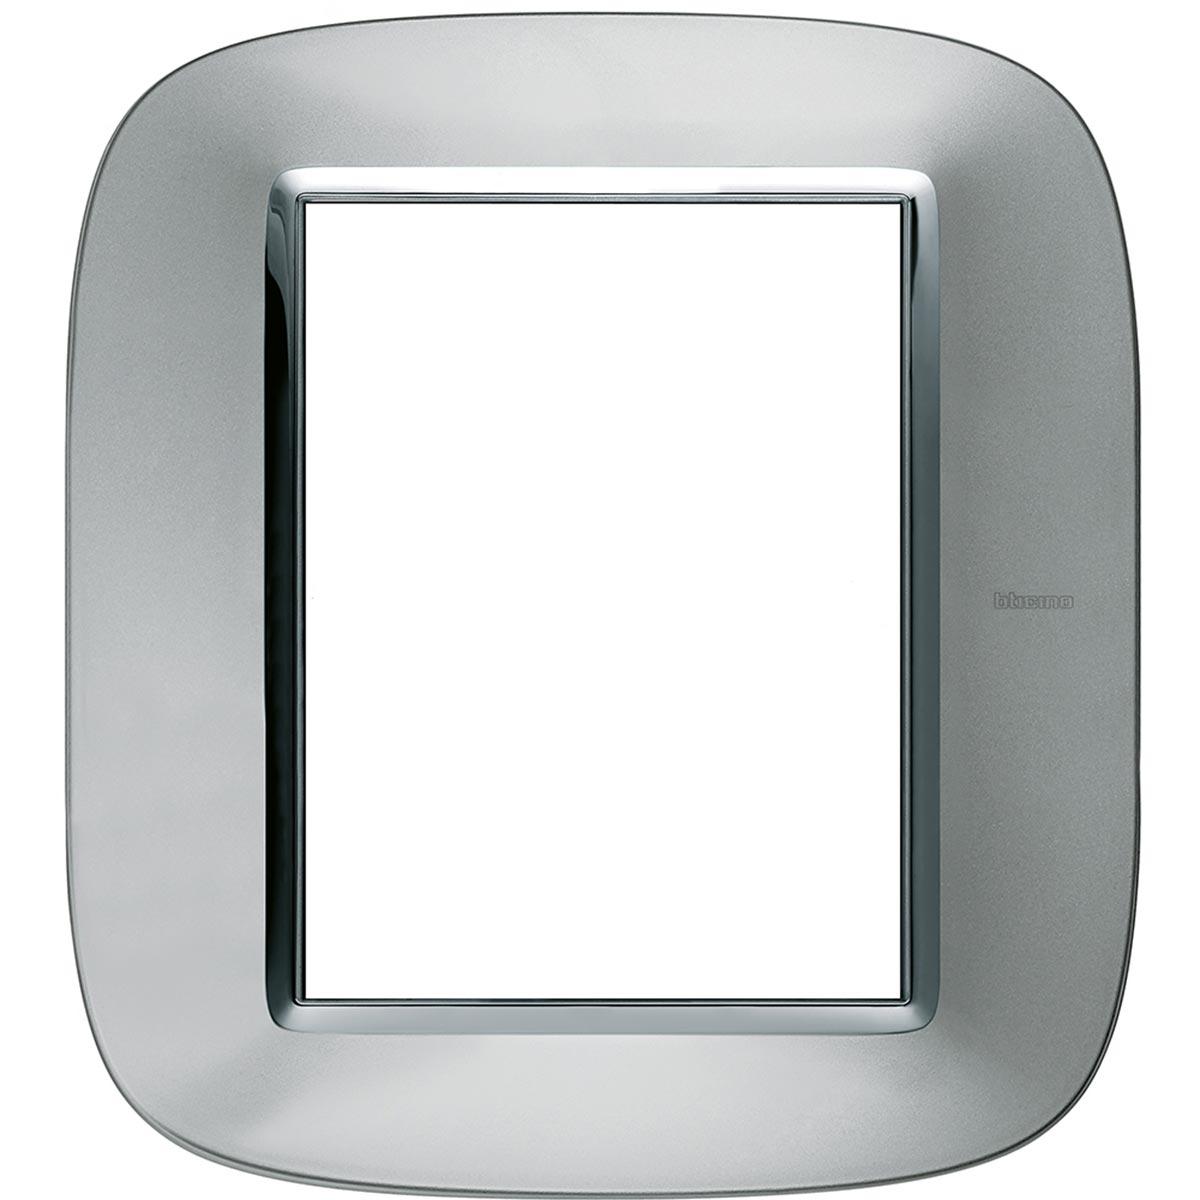 HB4826XC placche axolute bticino alluminio ovale 6 posti